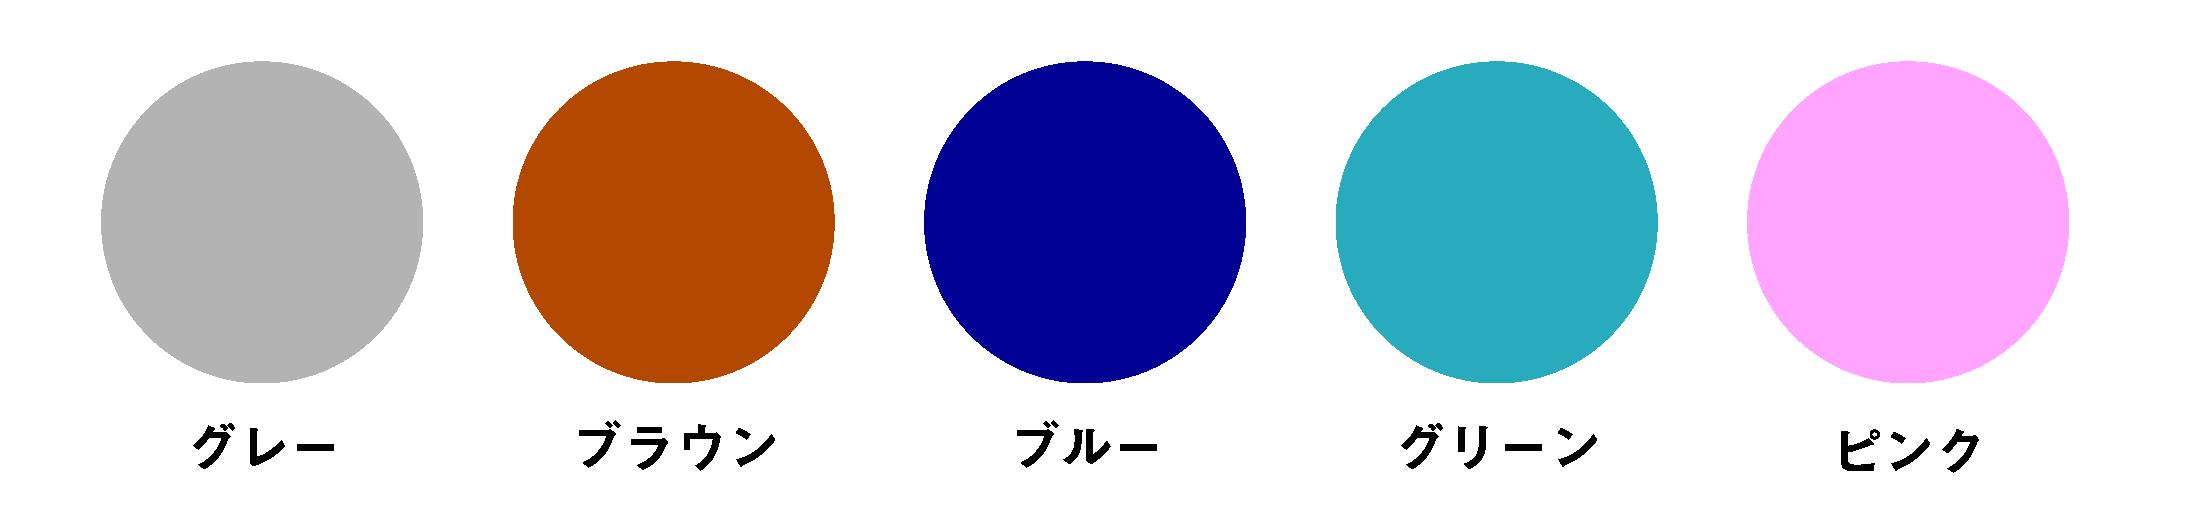 KF-015 カラーチップ